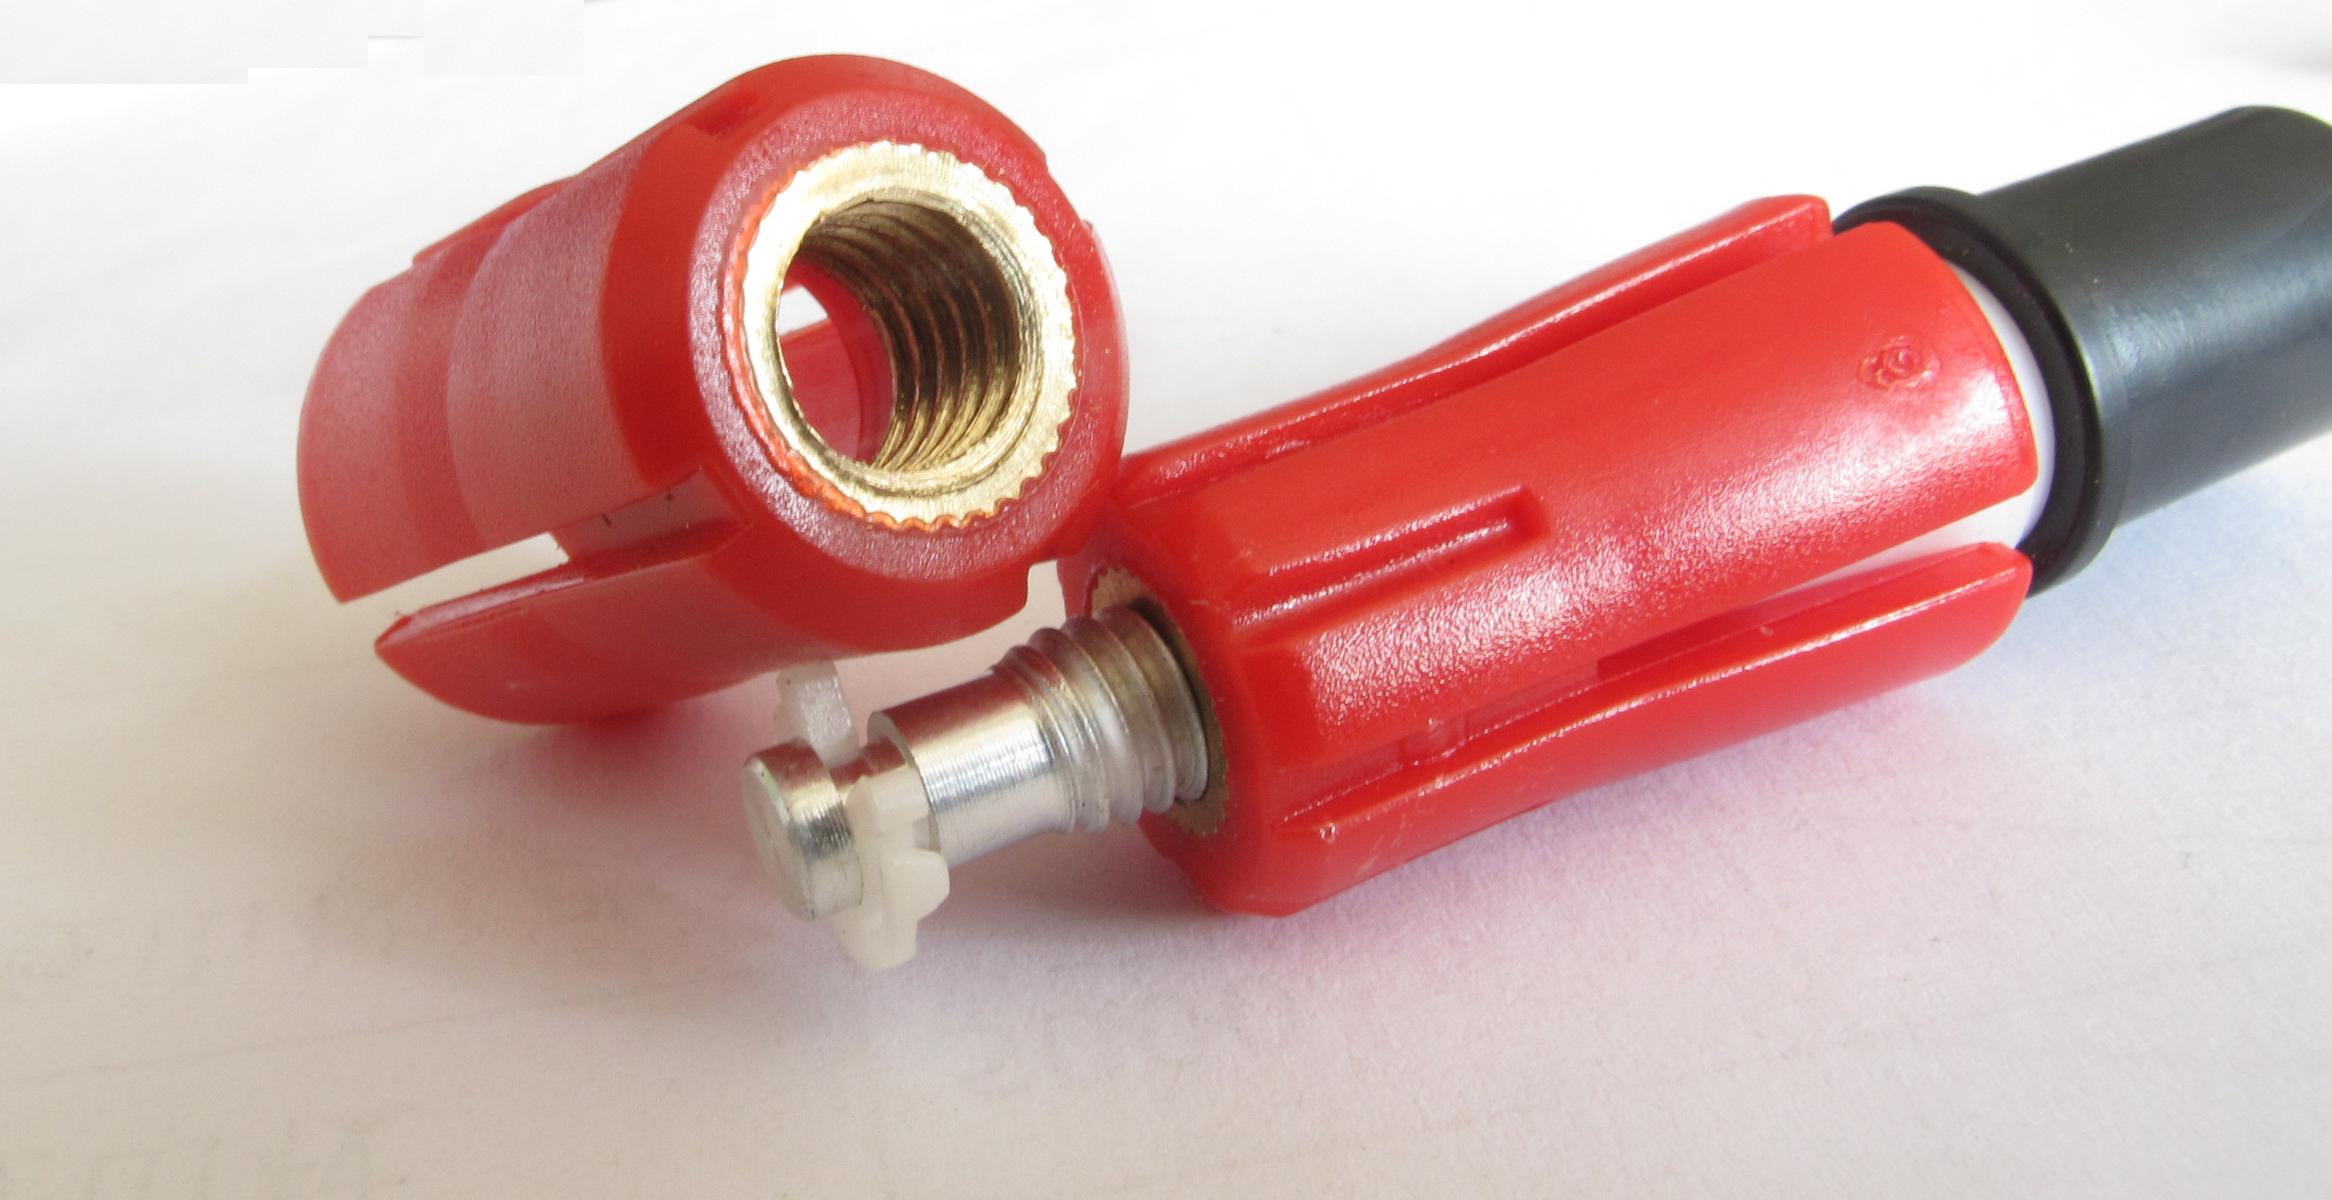 登山杖配件内锁紧螺帽碳素登山杖用膨胀栓安全可靠外锁速锁配件